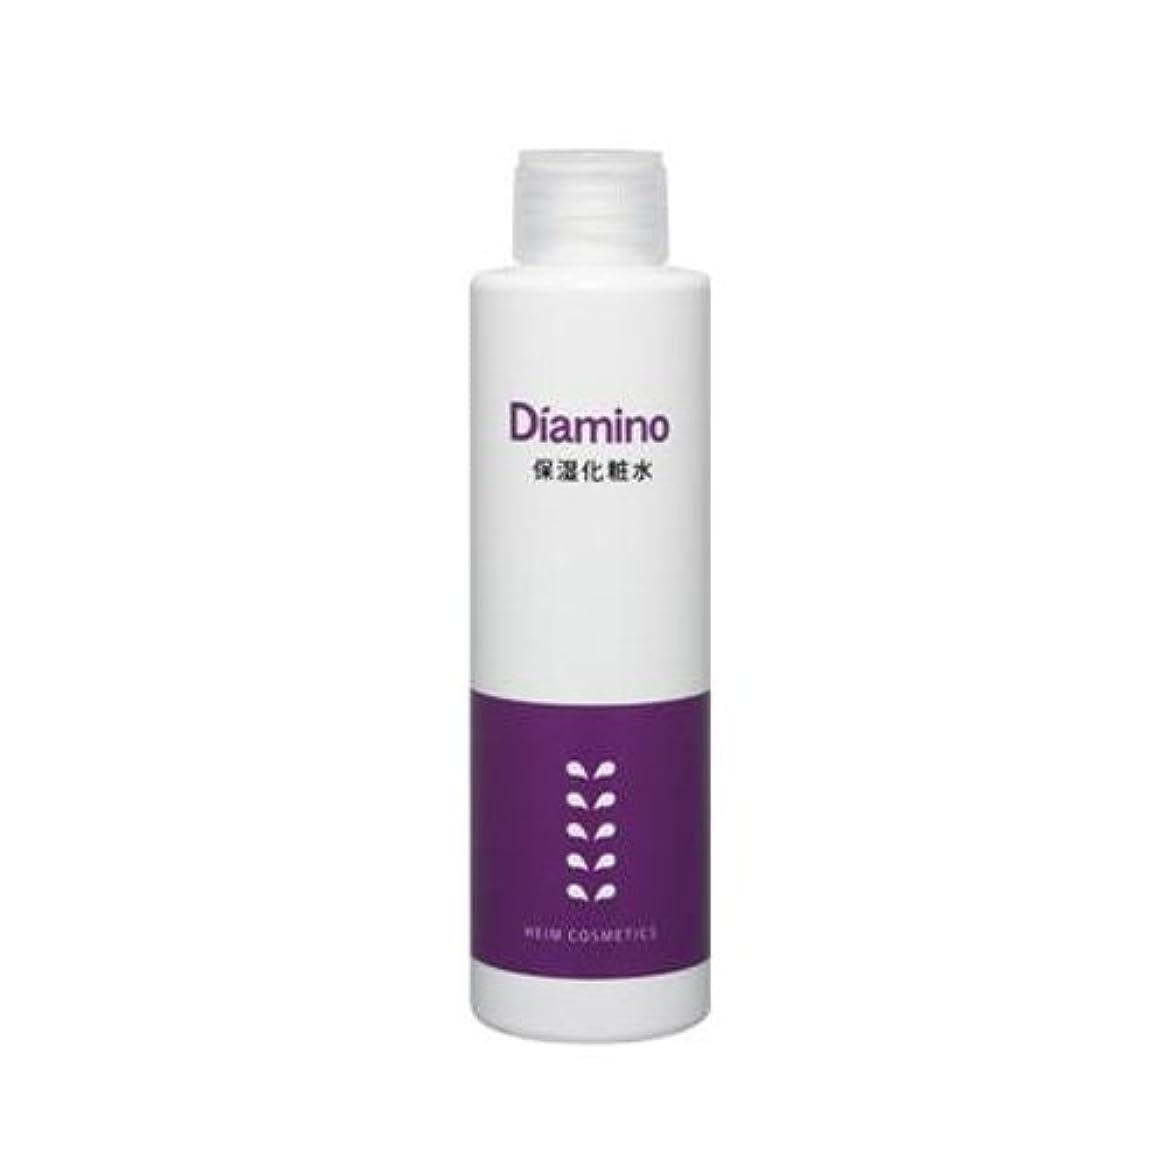 穀物誘う結果としてハイム ディアミノ 保湿化粧水 150ml